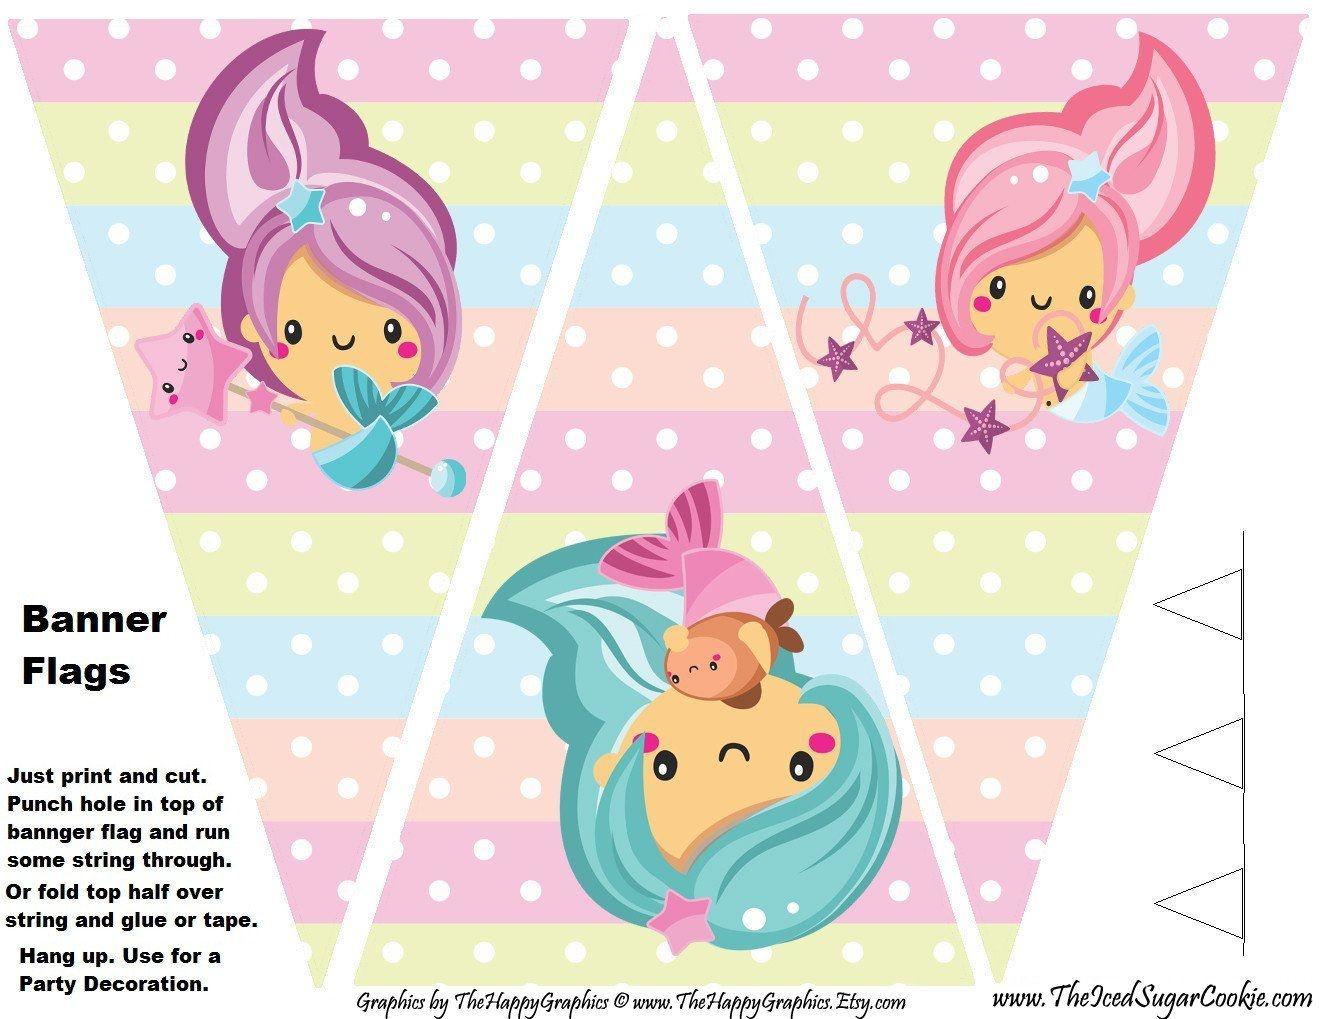 Mermaid Birthday Party Printables | Digital Download In 2019 - Free Printable Mermaid Cupcake Toppers